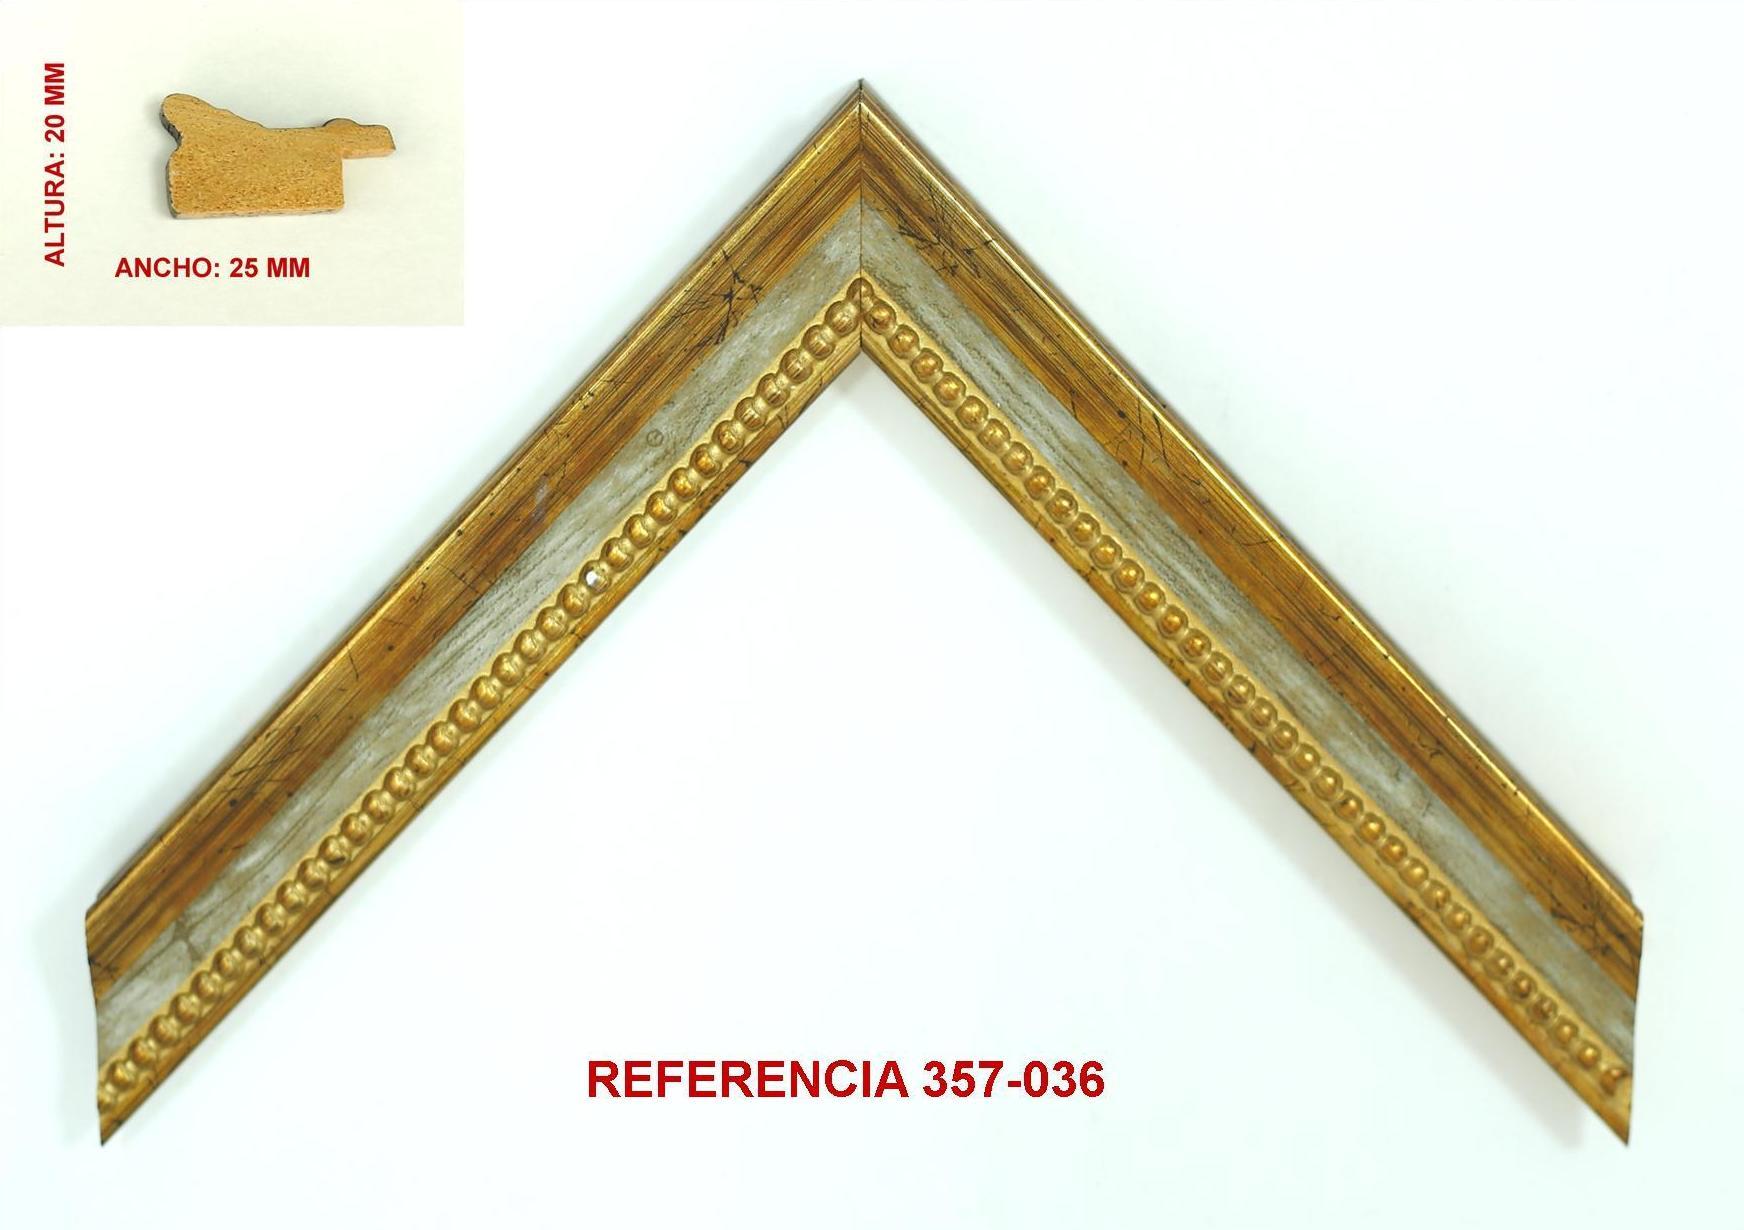 REF 357-036: Muestrario de Moldusevilla